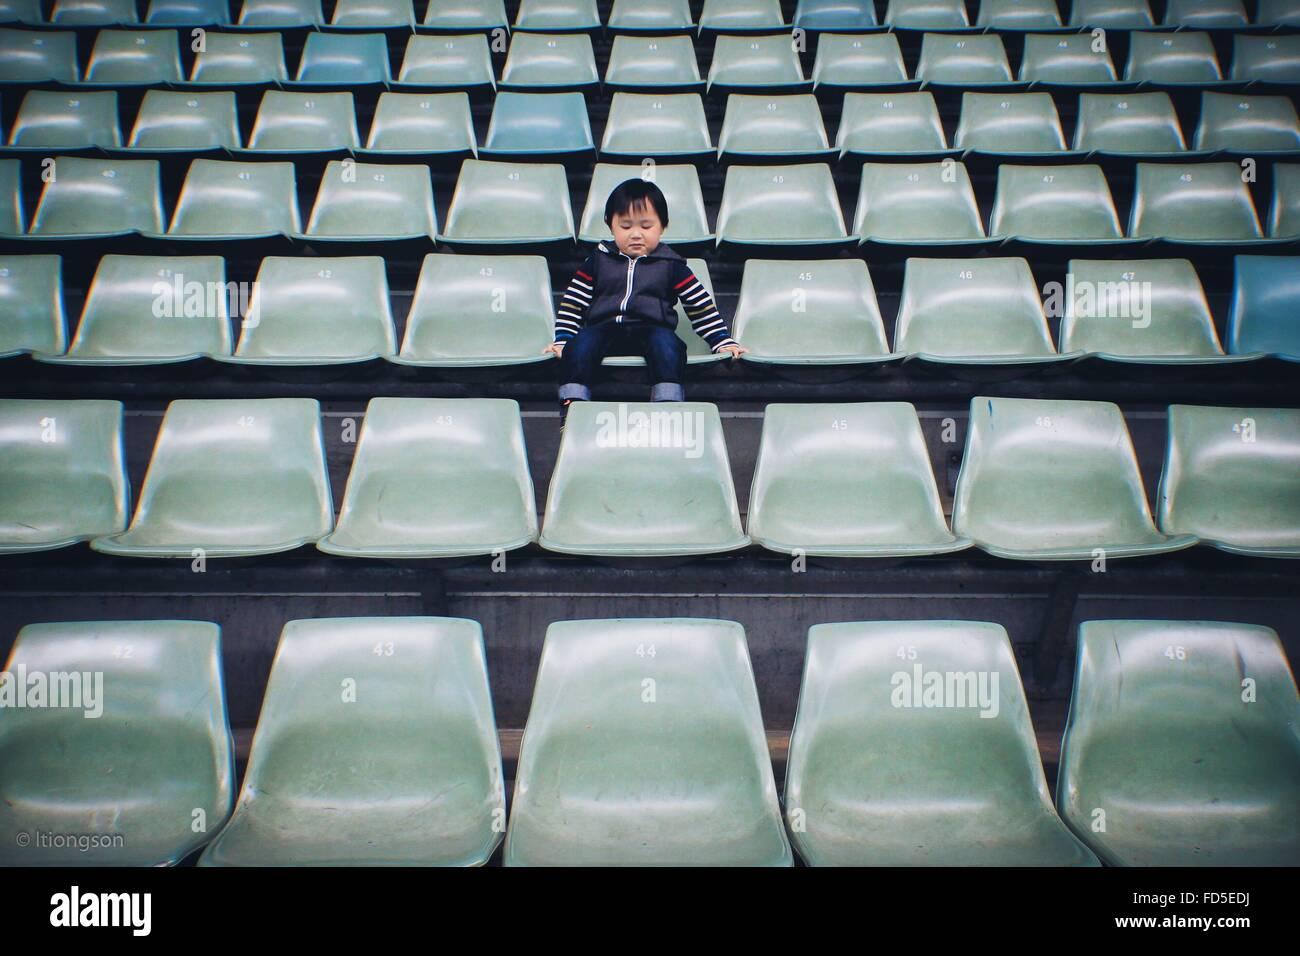 Garçon assis sur une chaise dans le stade Photo Stock